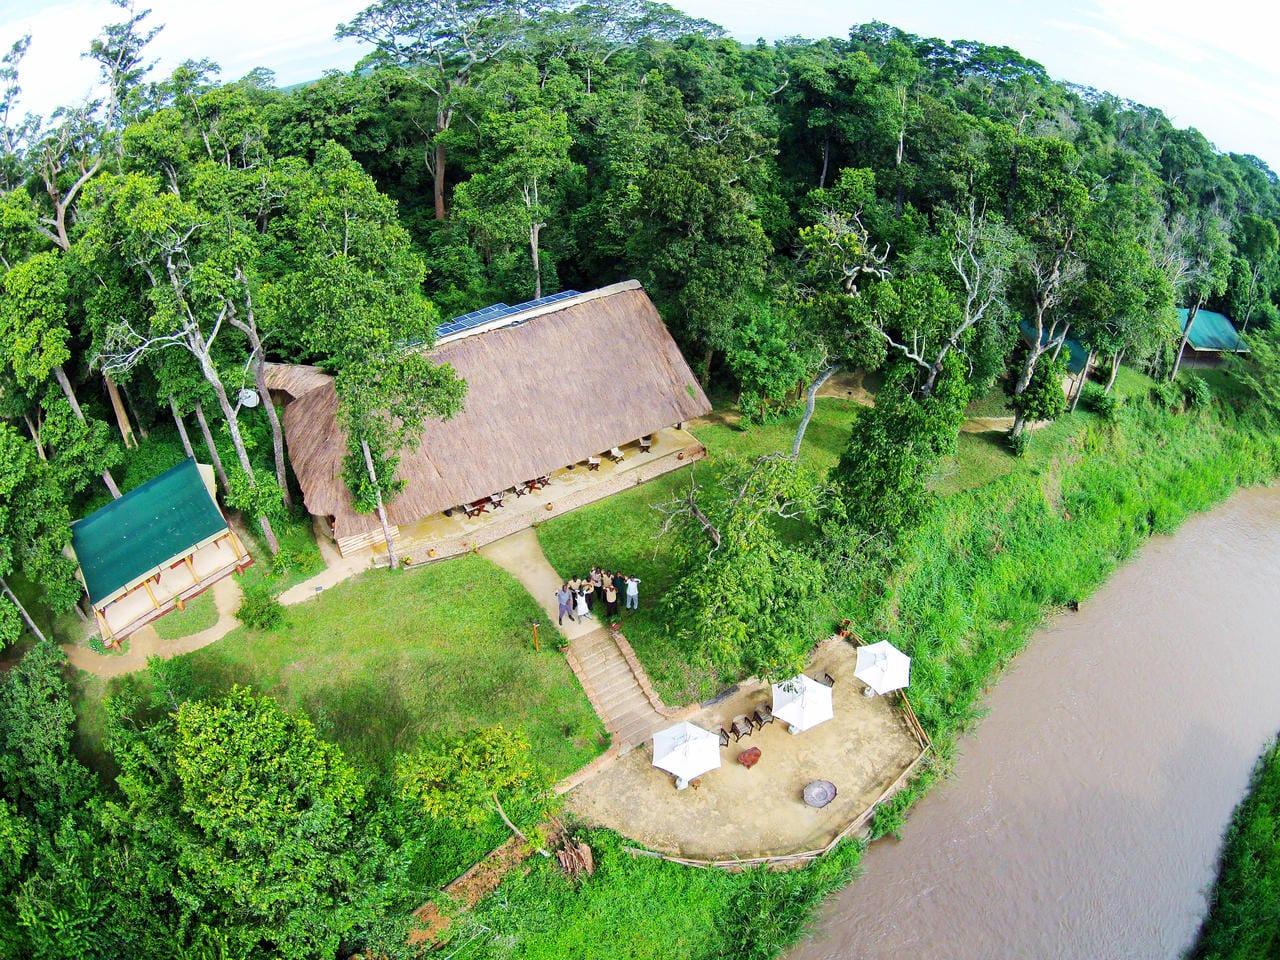 Ishasha Wilderness Camp Aerial View